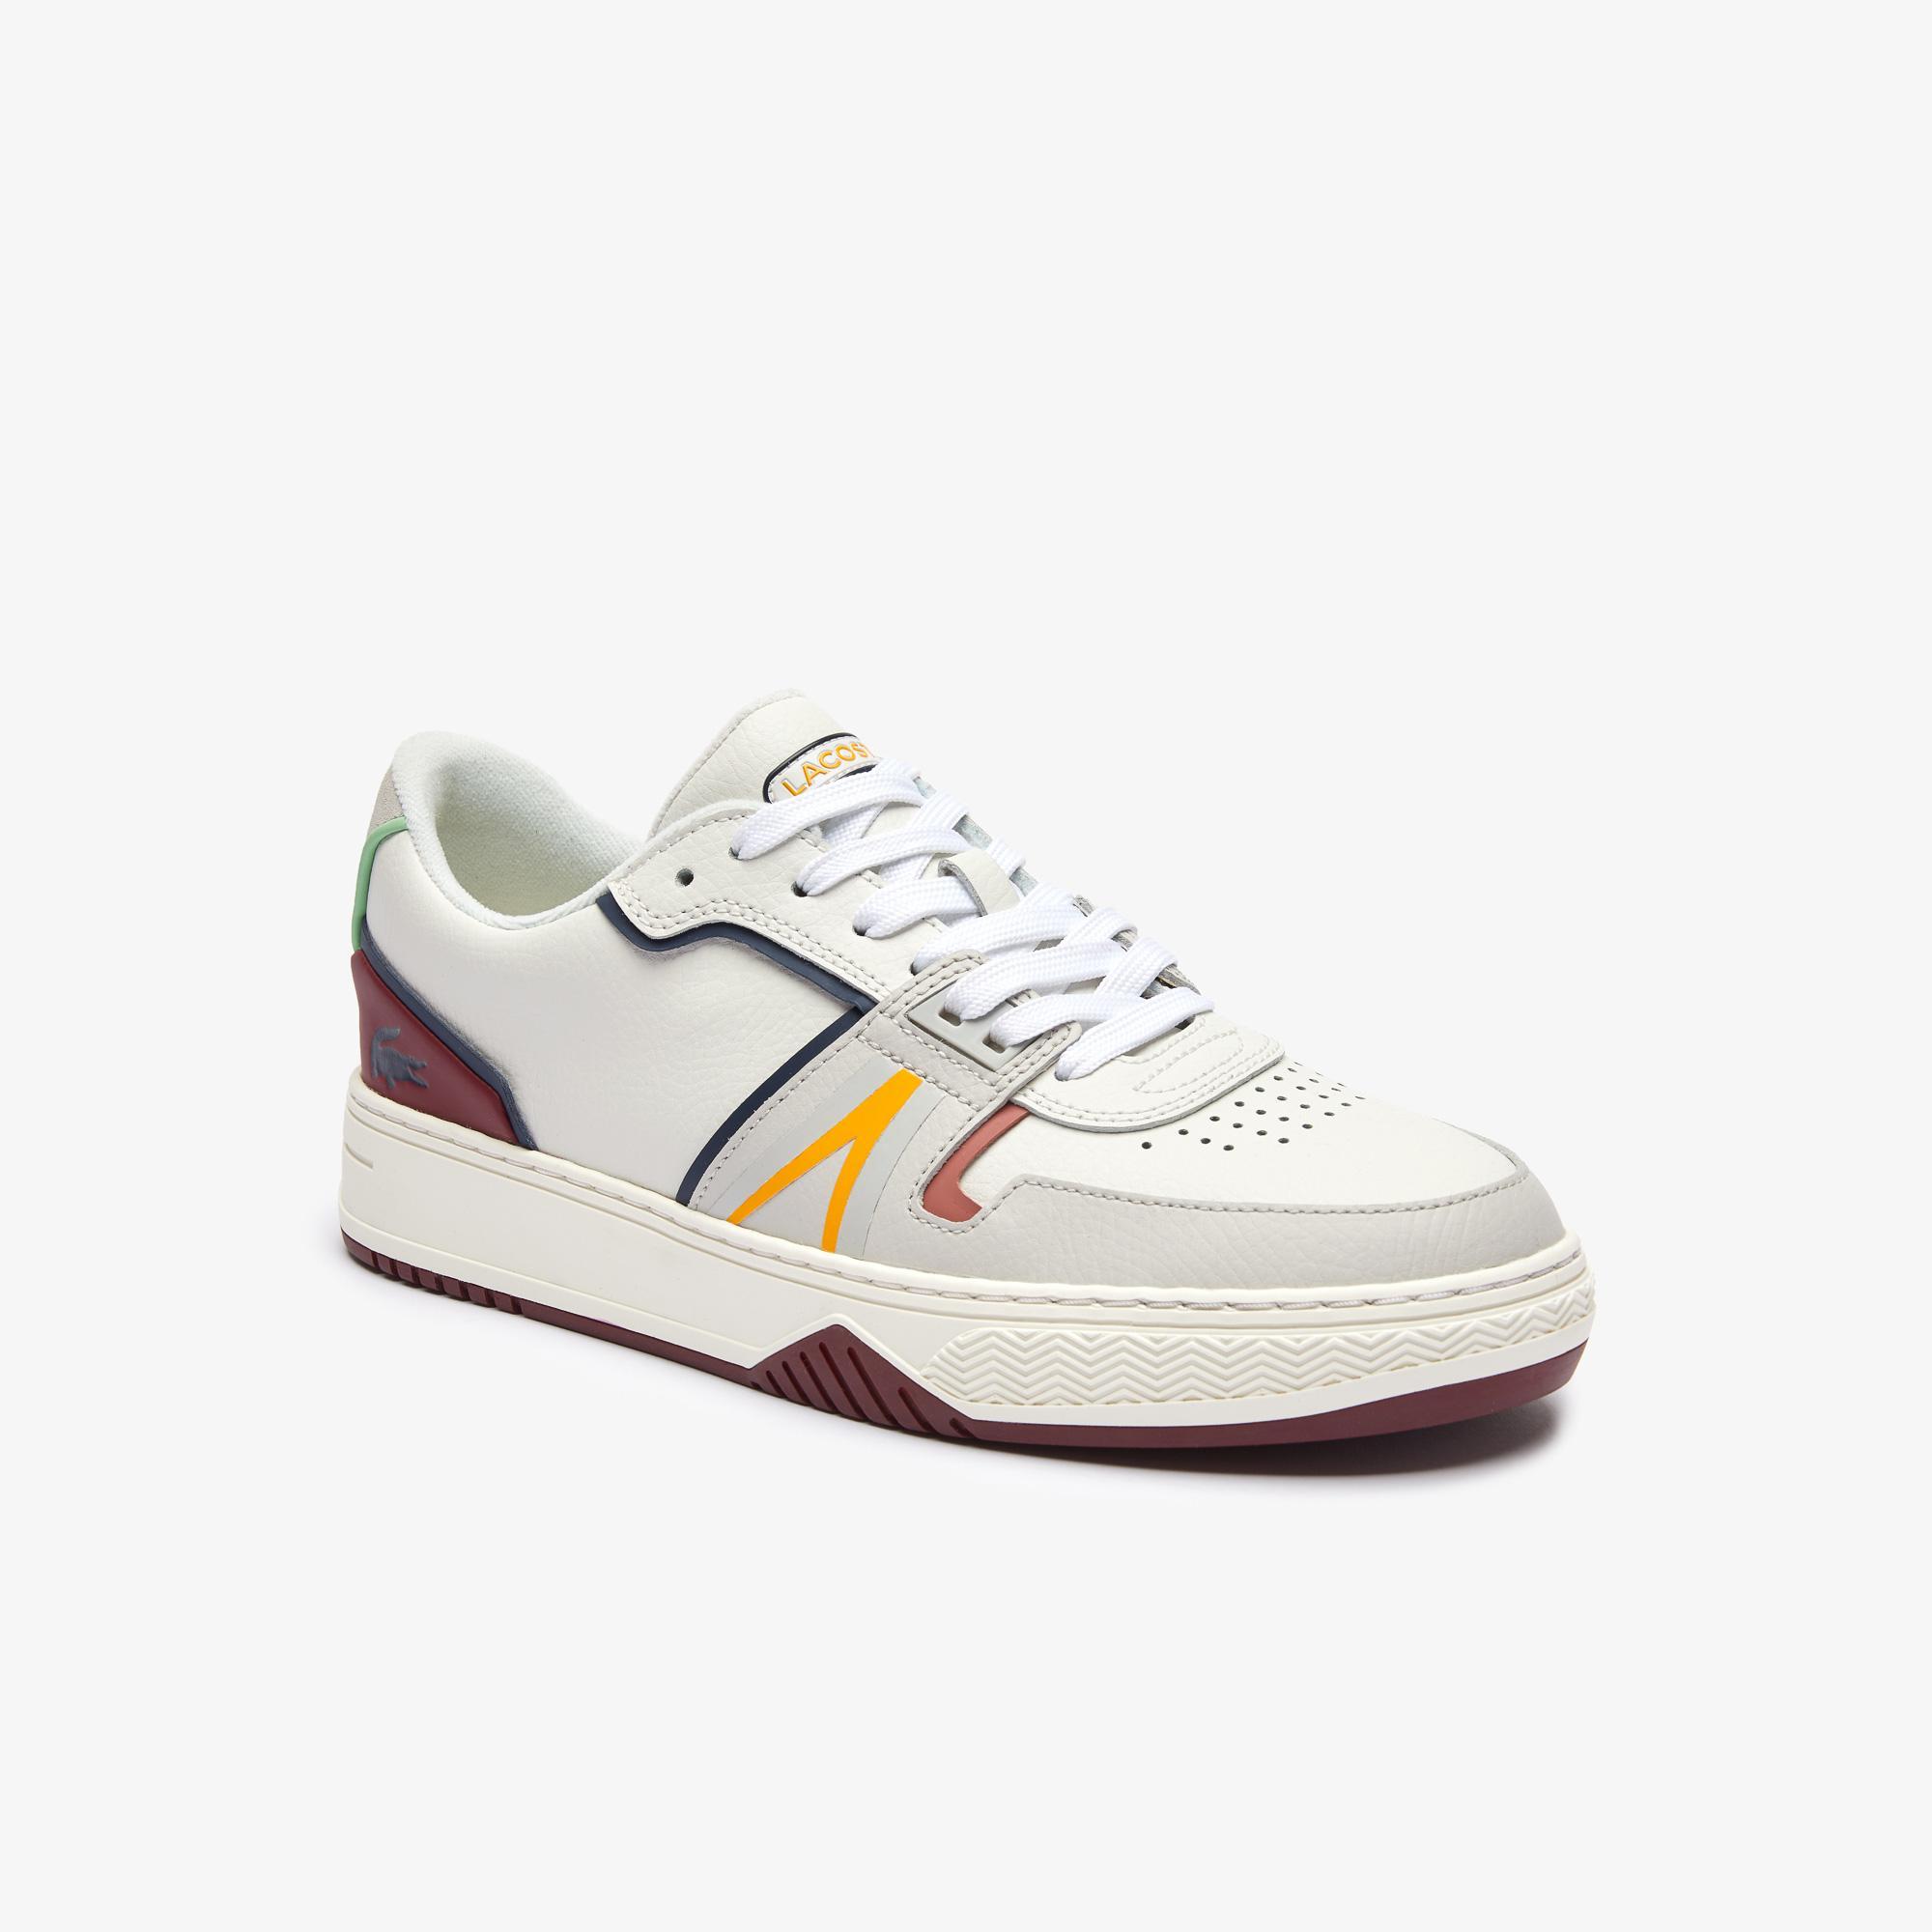 Lacoste L001 0321 1 Sma Erkek Deri Beyaz Sneaker